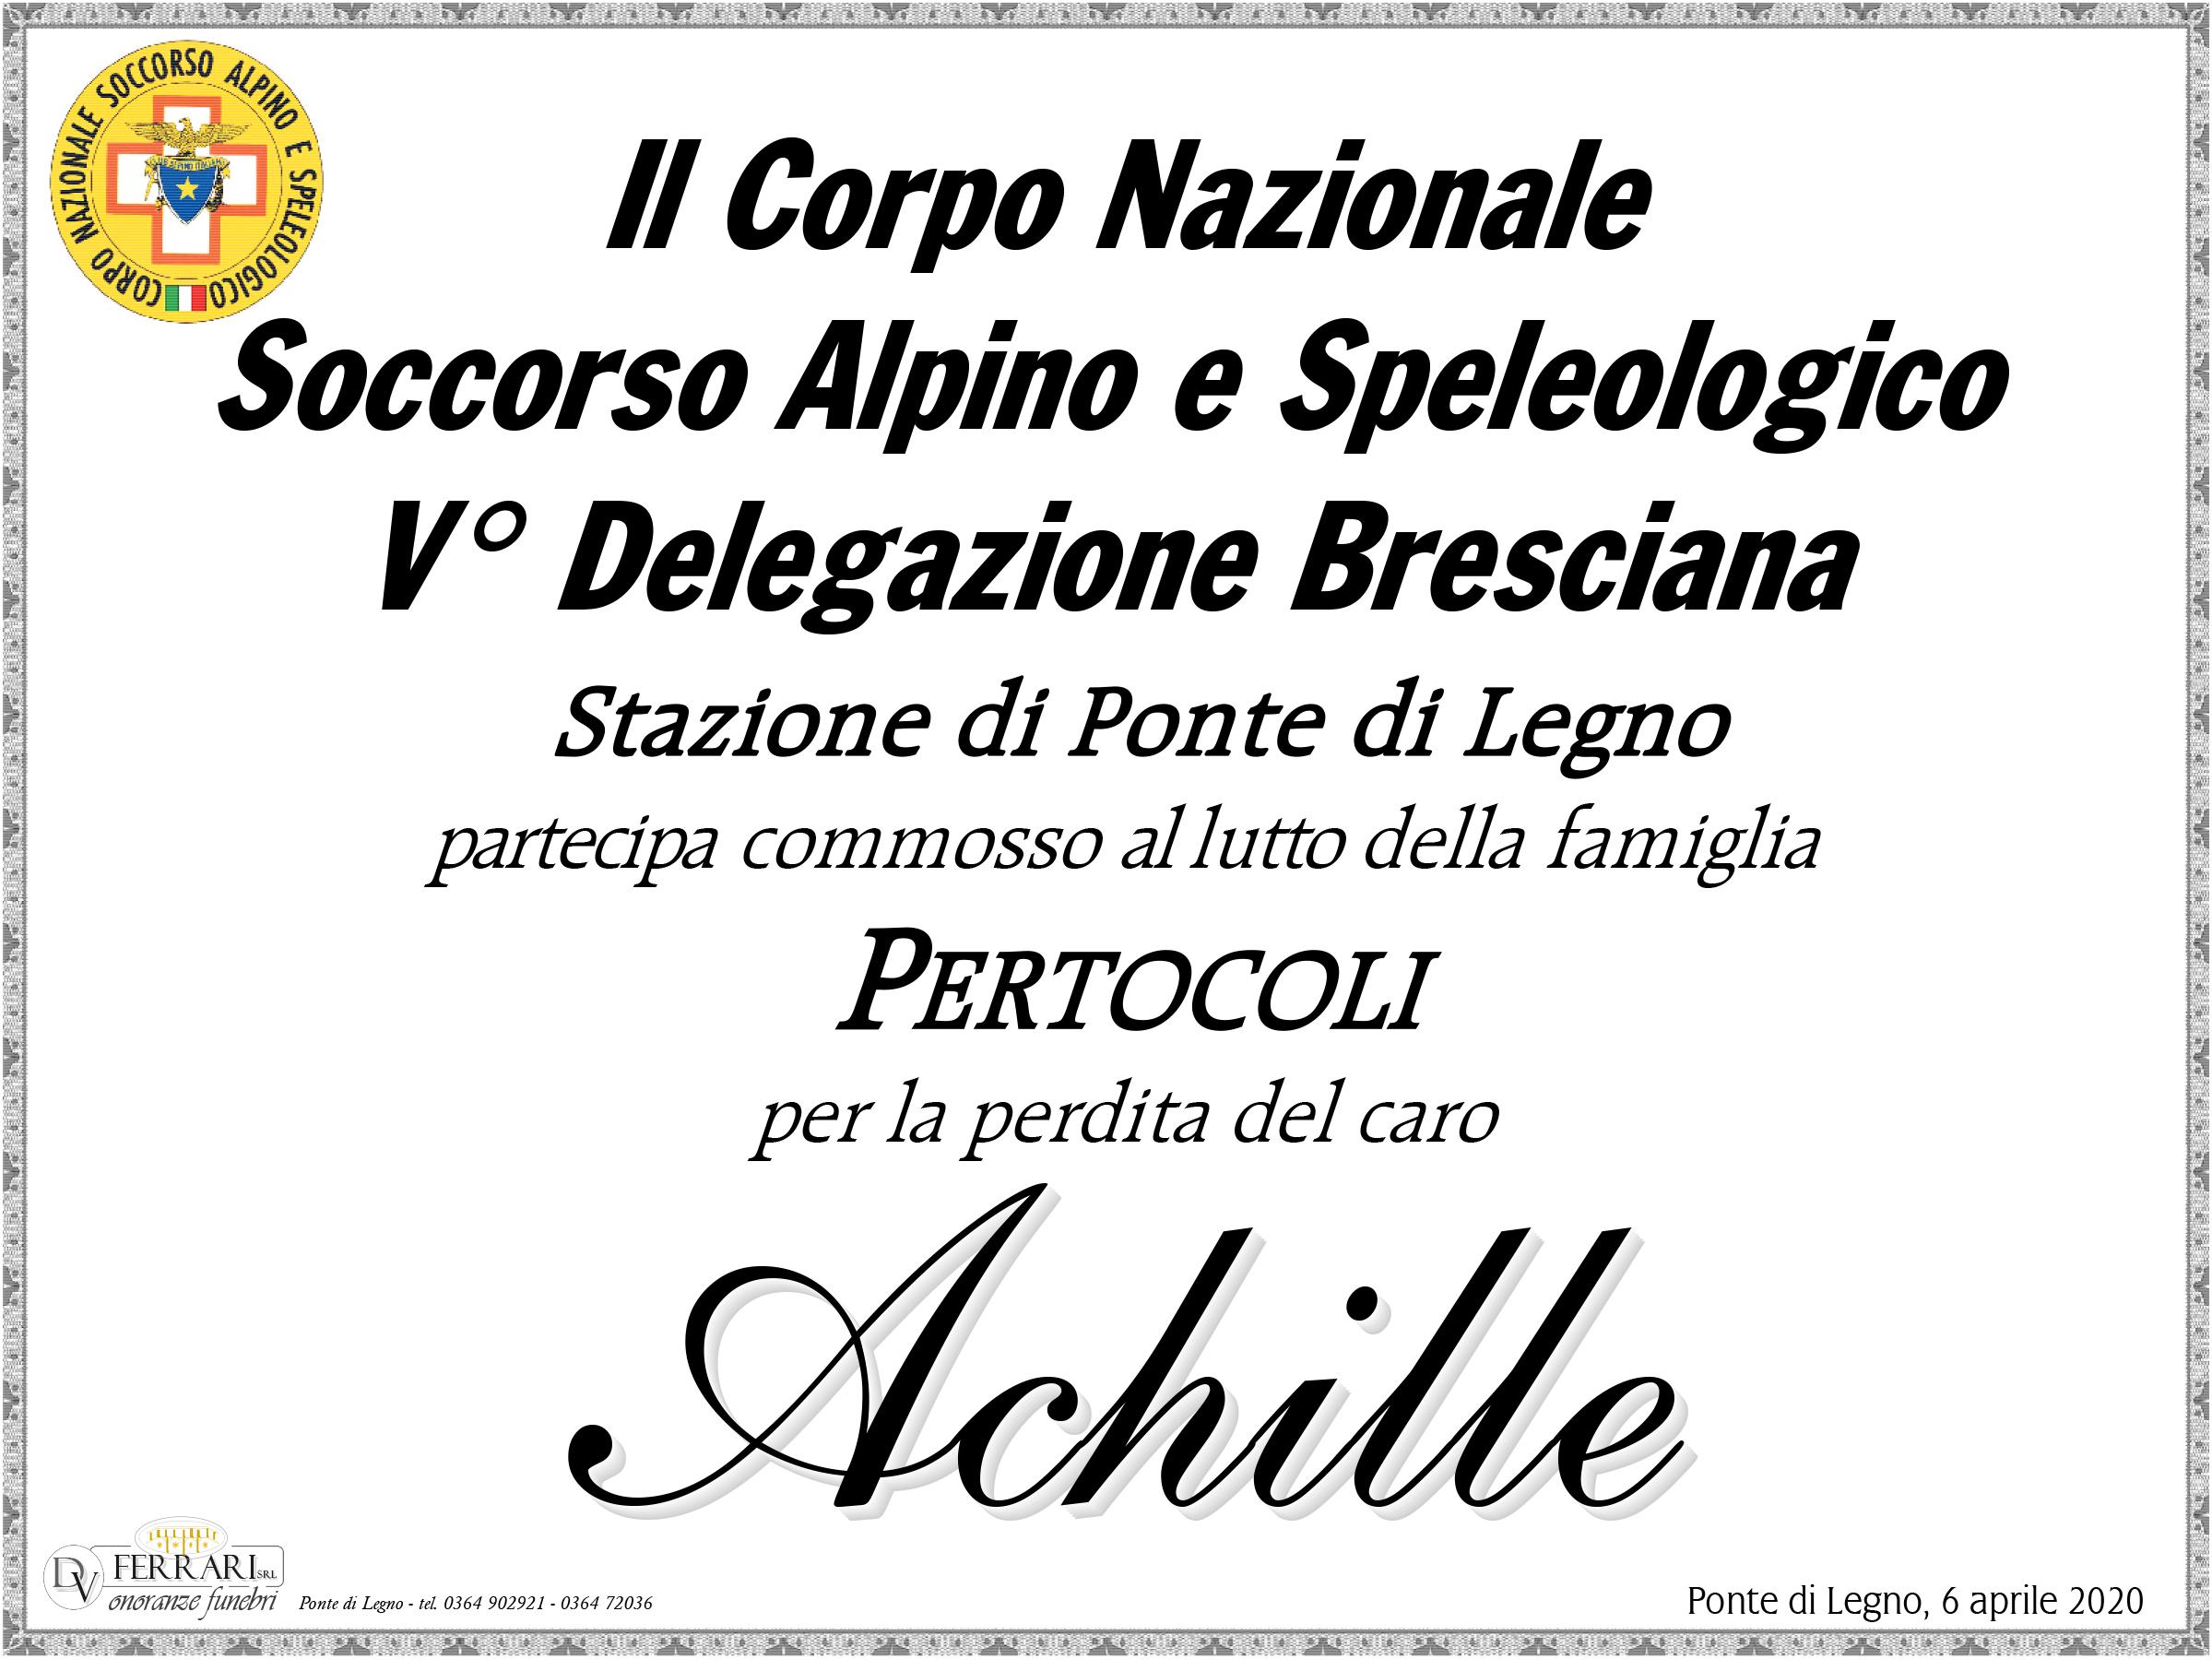 ACHILLE PERTOCOLI - PONTE DI LEGNO - C.N.S.A.S.